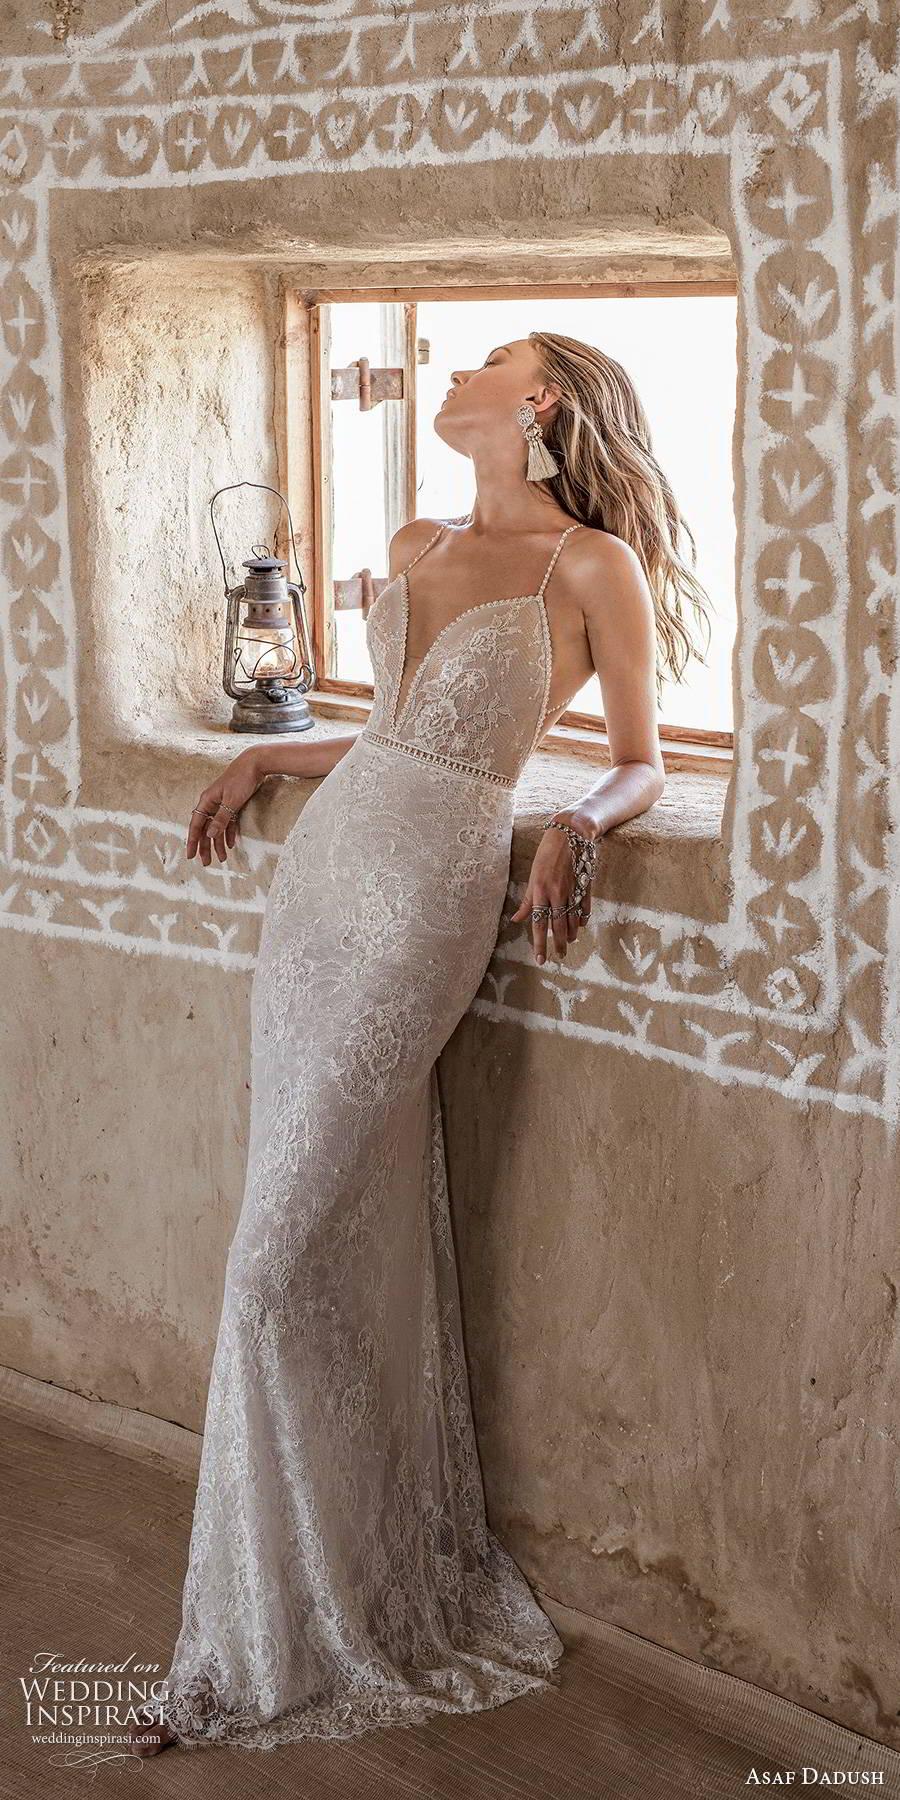 asaf dadush 2019 bridal sleeveless thin beaded straps plunging sweetheart neckline fully embellished lace glam sheath wedding dress sweep train mv (1) mv